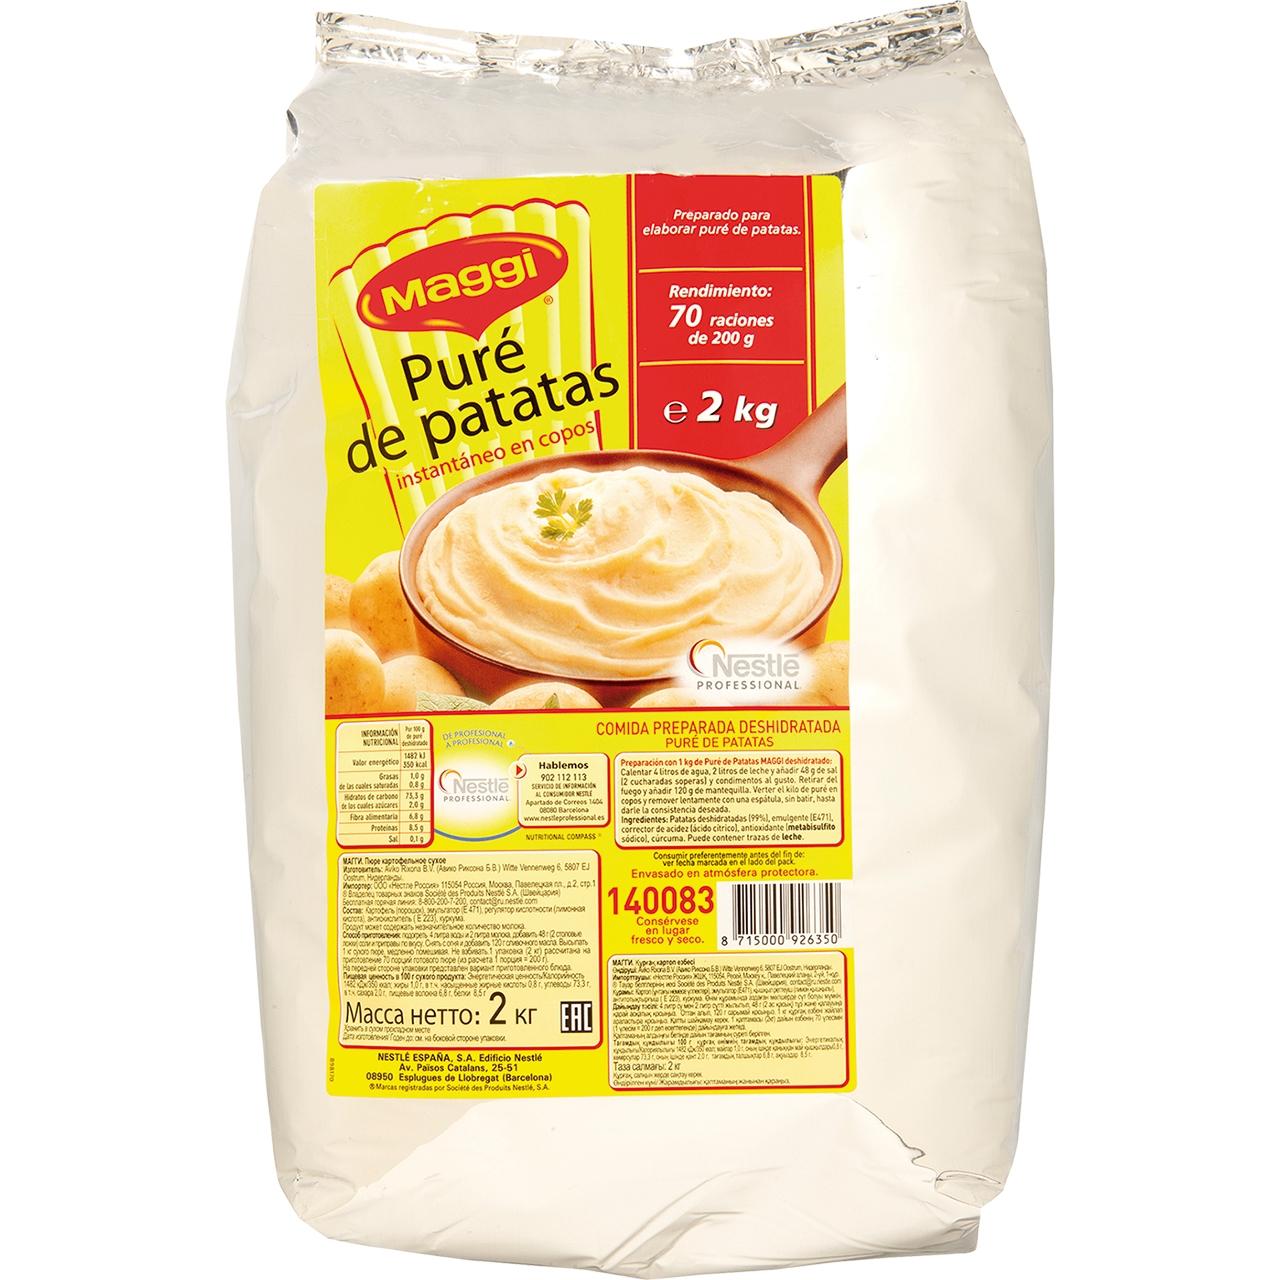 Puré de patatas 2kg. Maggi